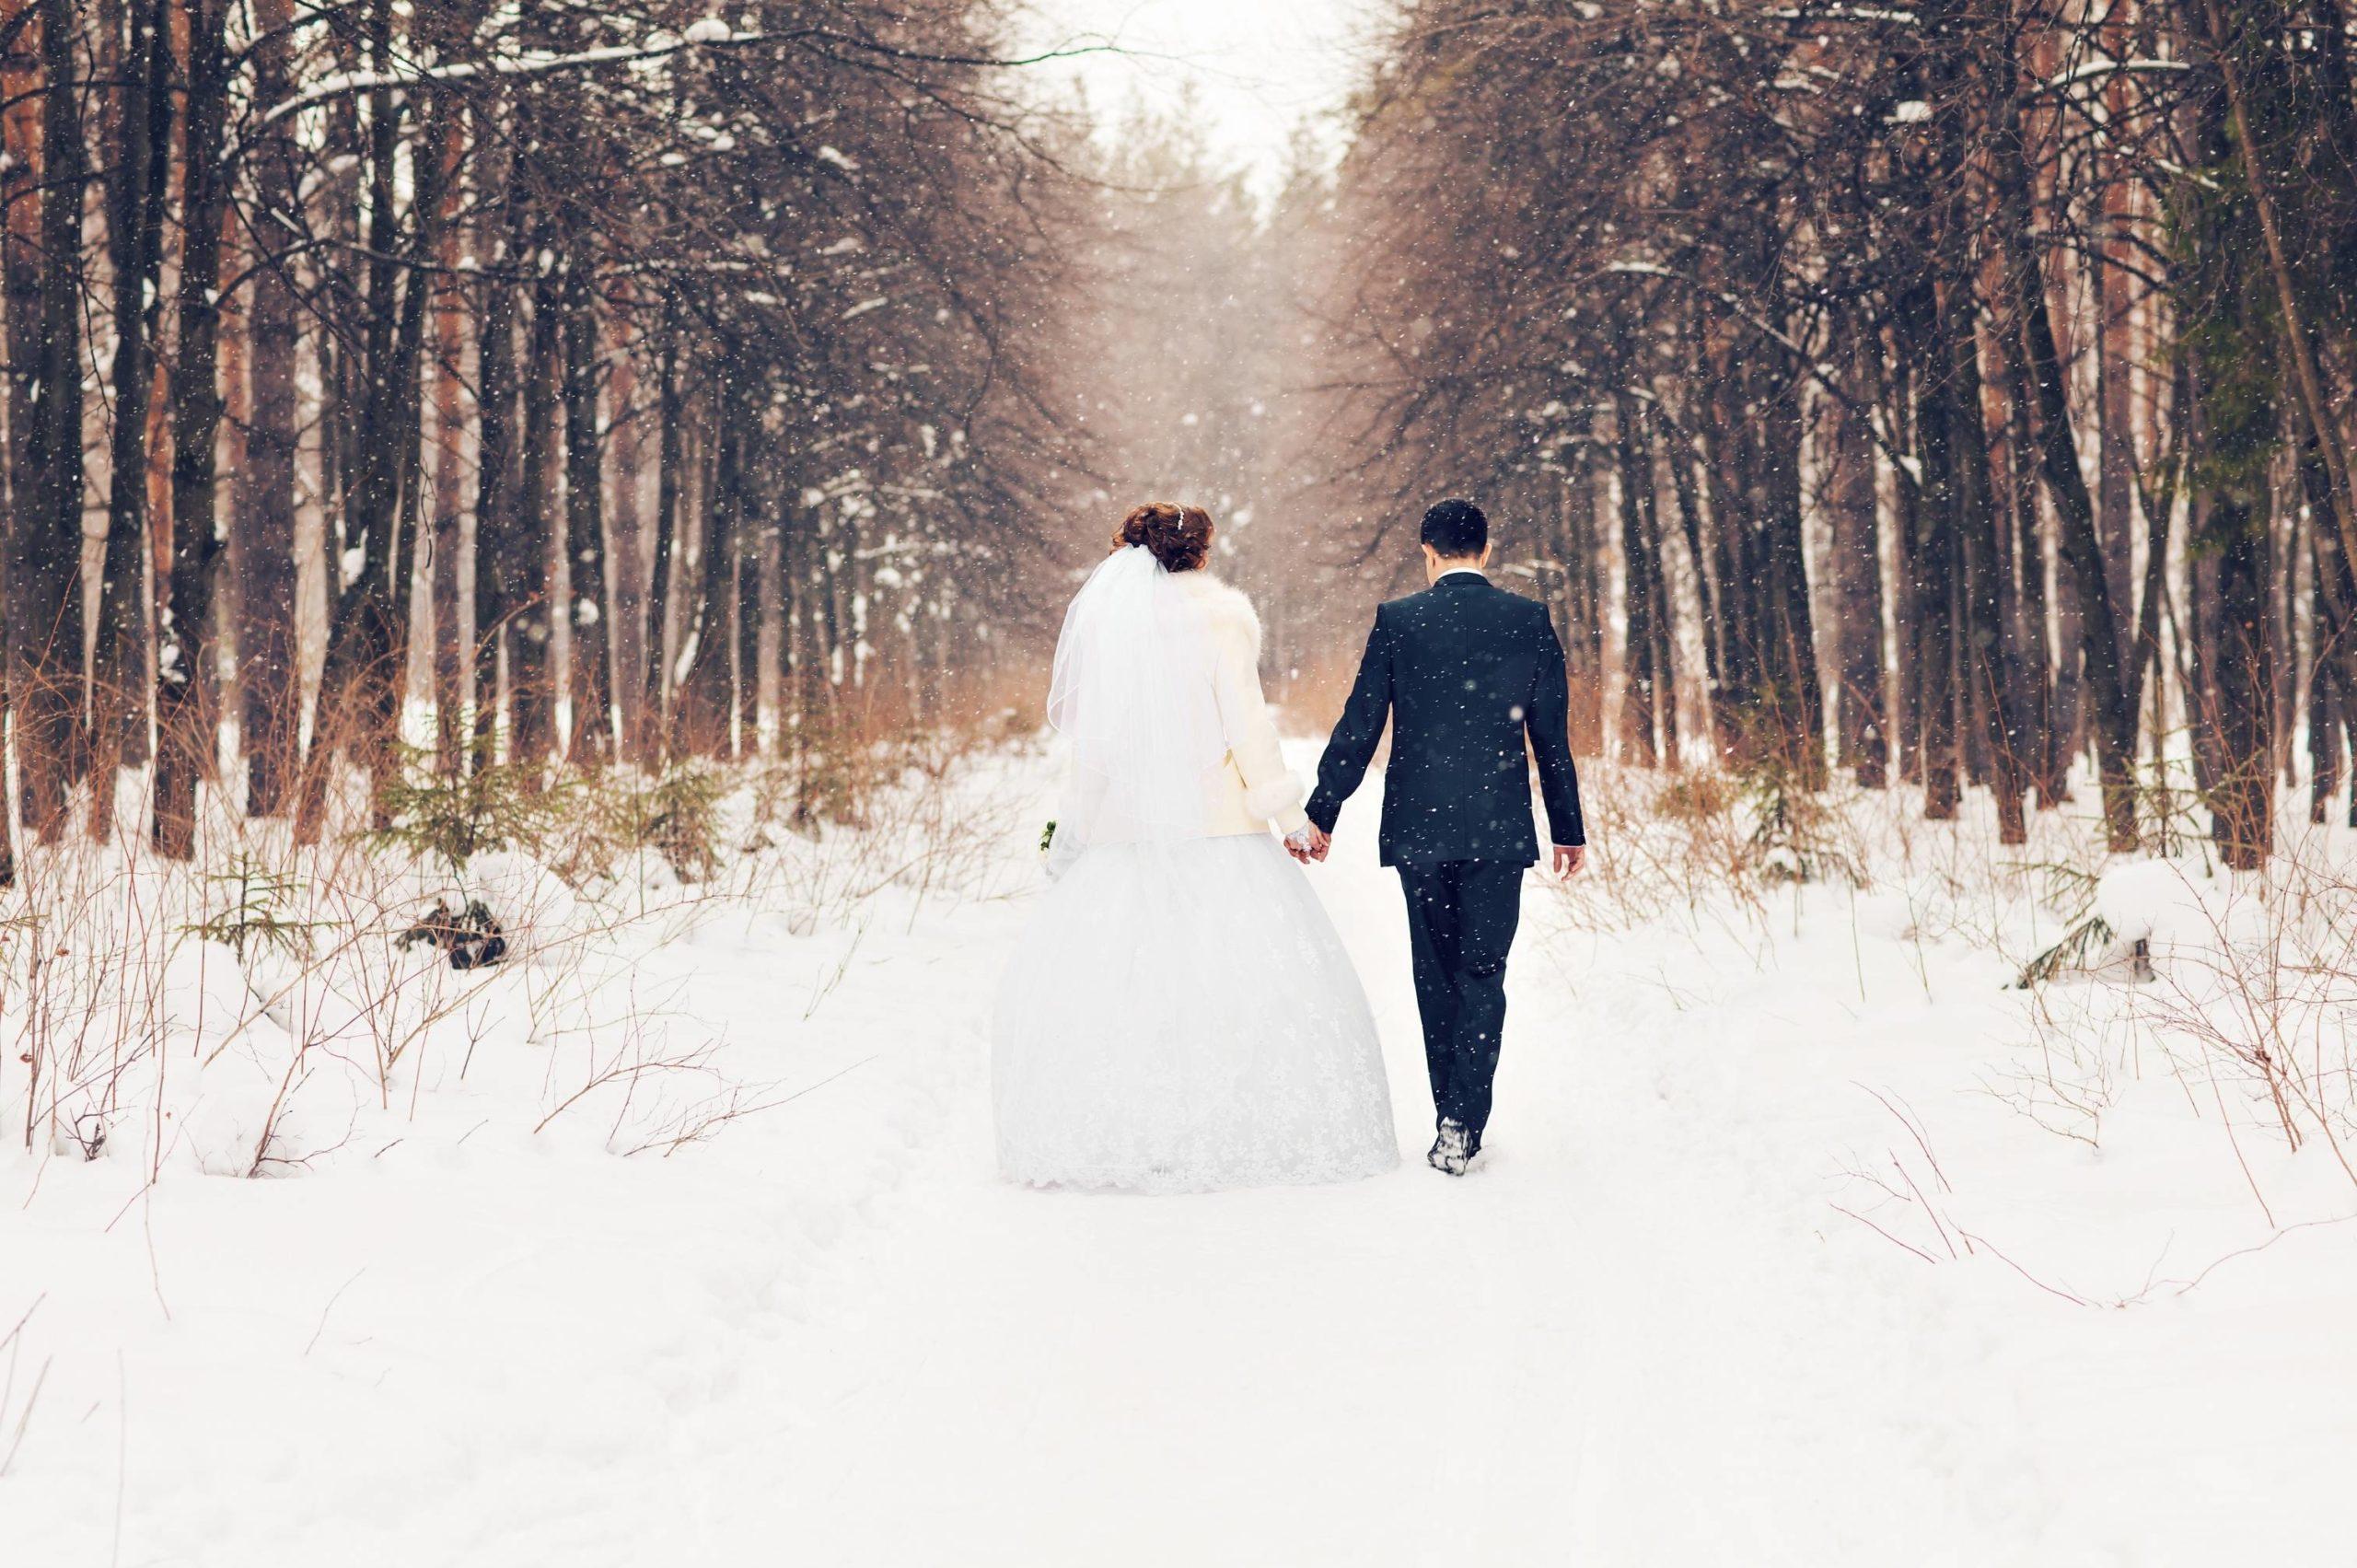 mariage d'hiver dans la neige